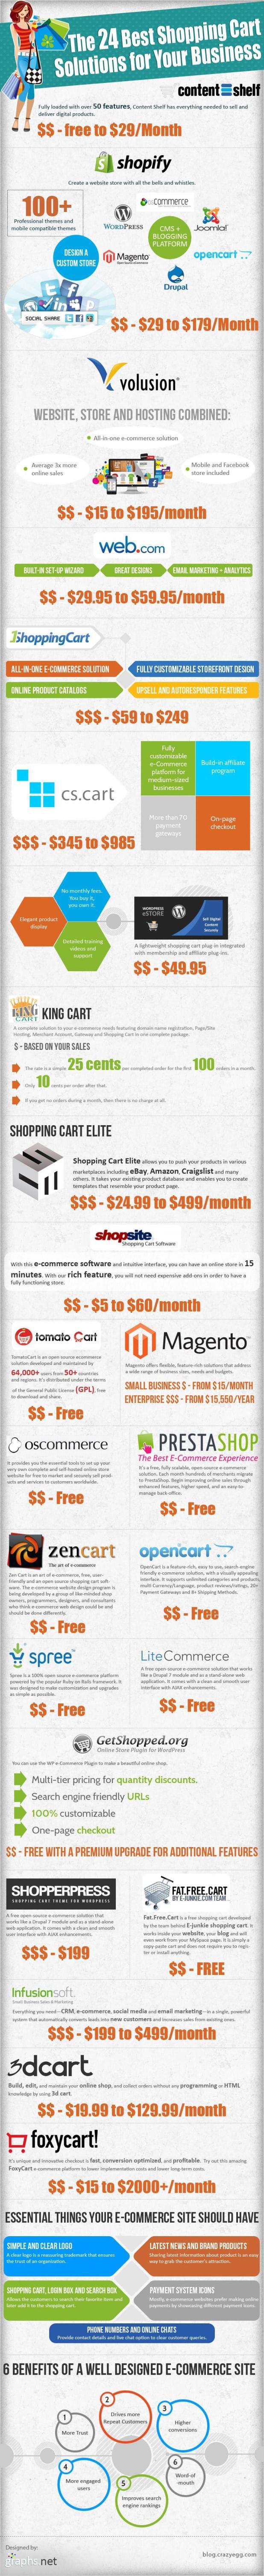 24 mã nguồn website bán hàng tốt nhất